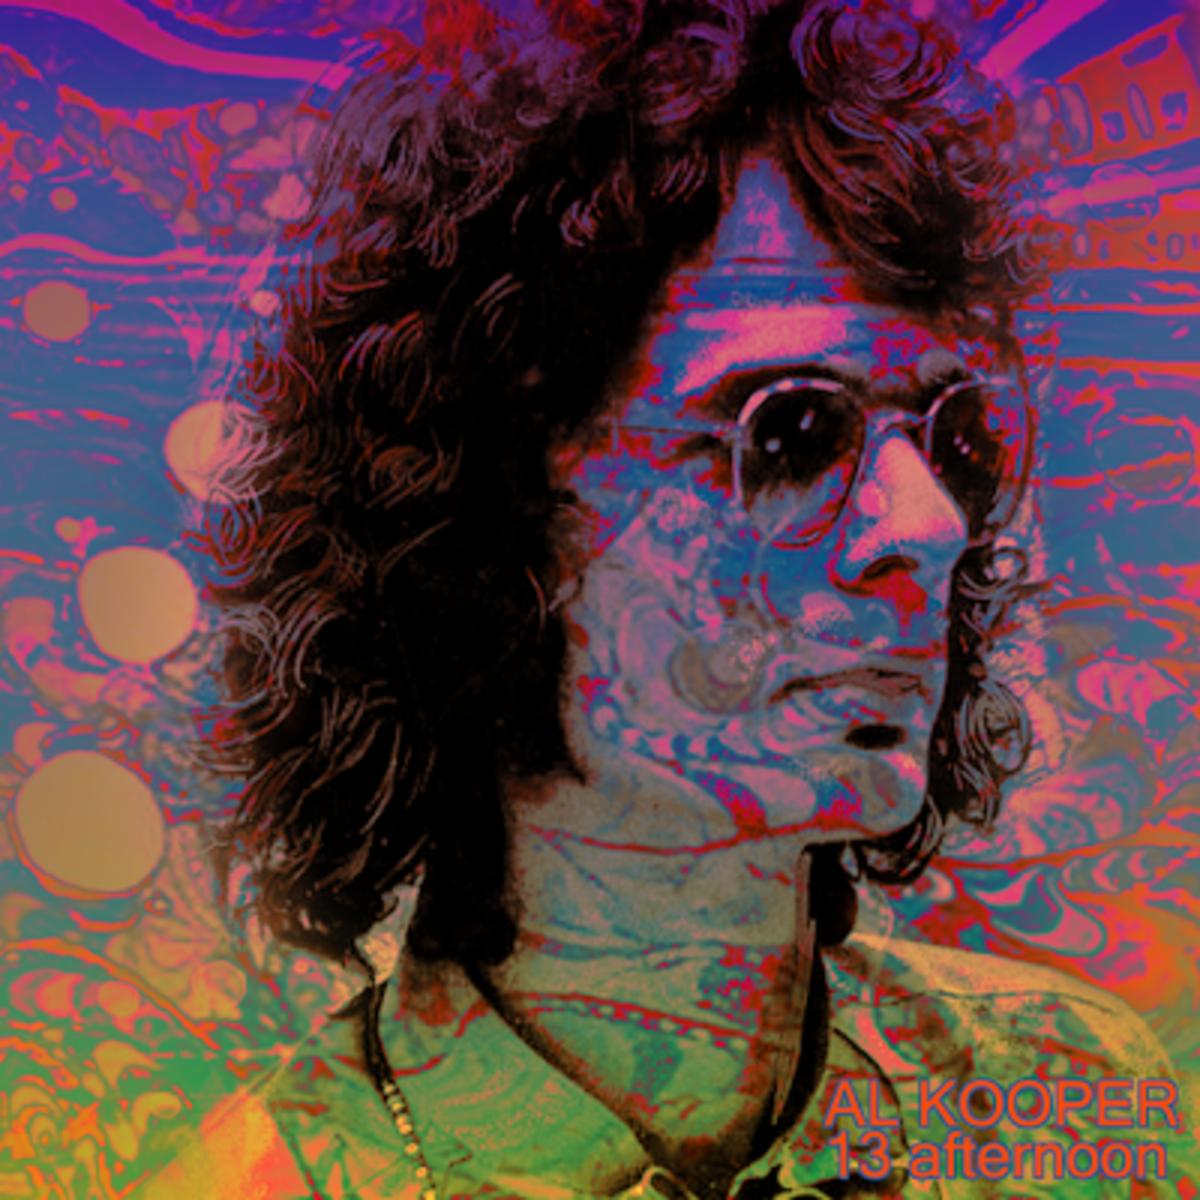 al-kooper-the-greatest-rocker-youve-never-heard-of